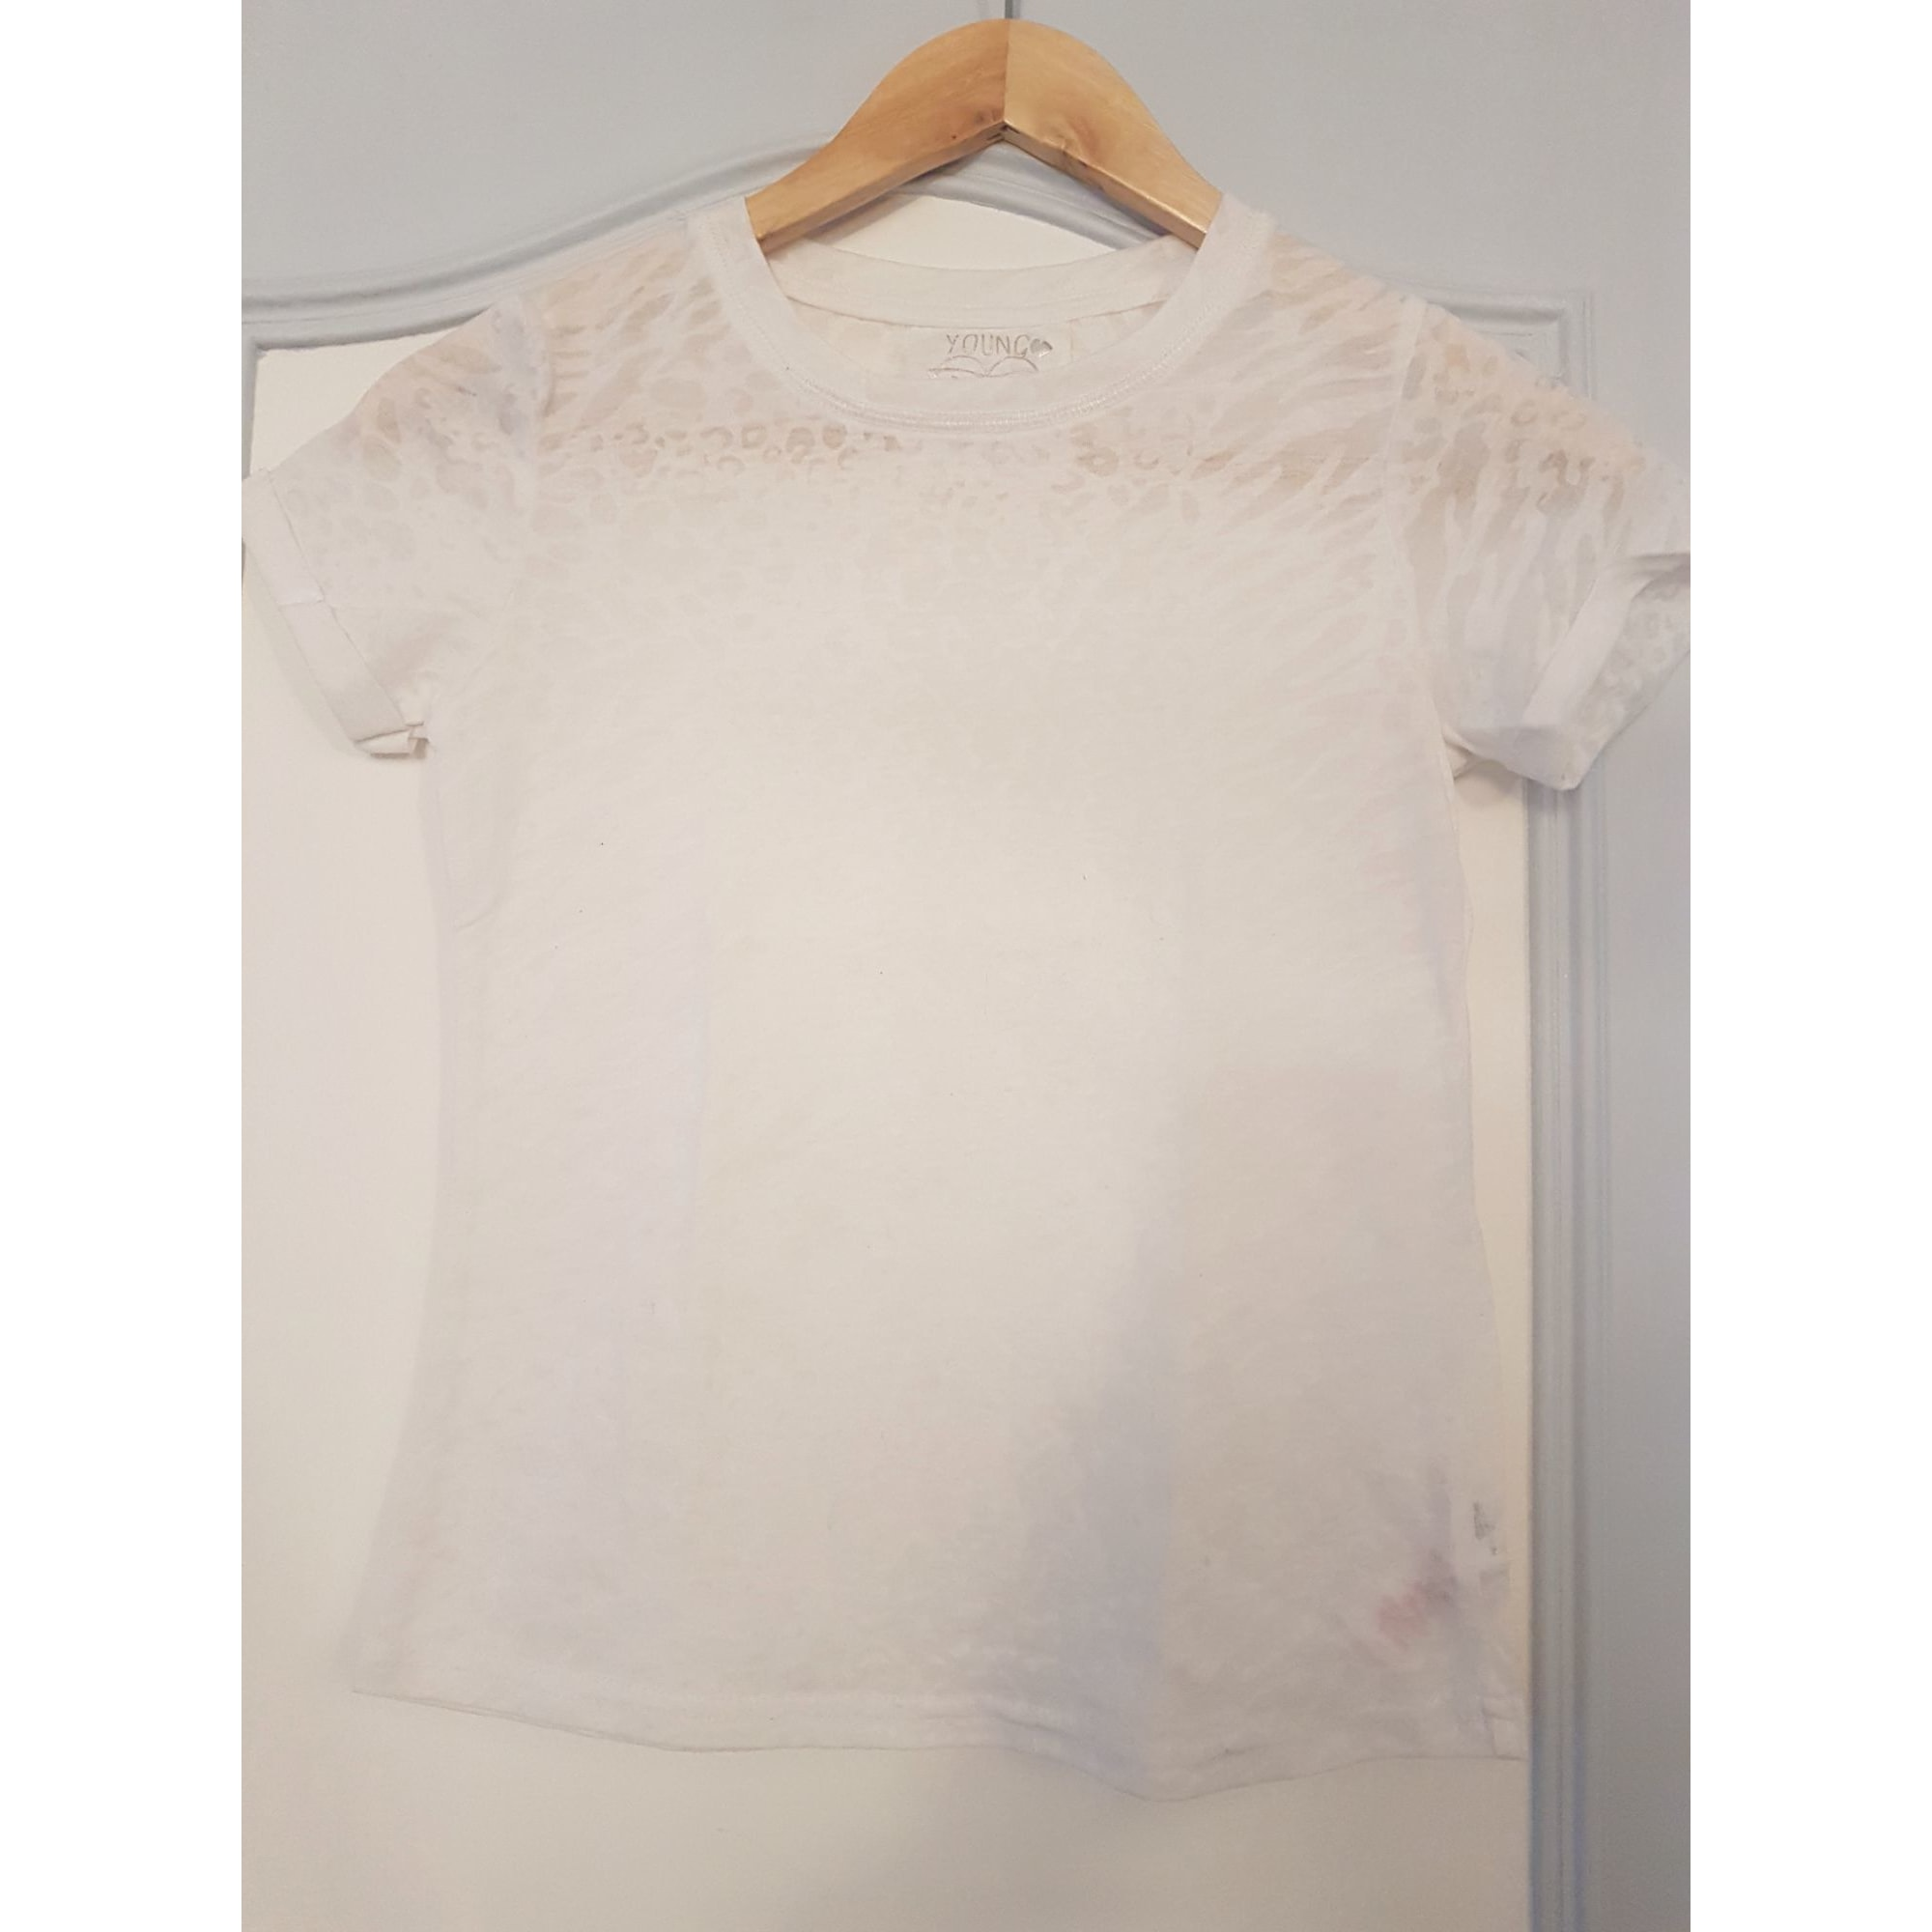 Top, Tee-shirt YOUNG DIMENSION Blanc, blanc cassé, écru